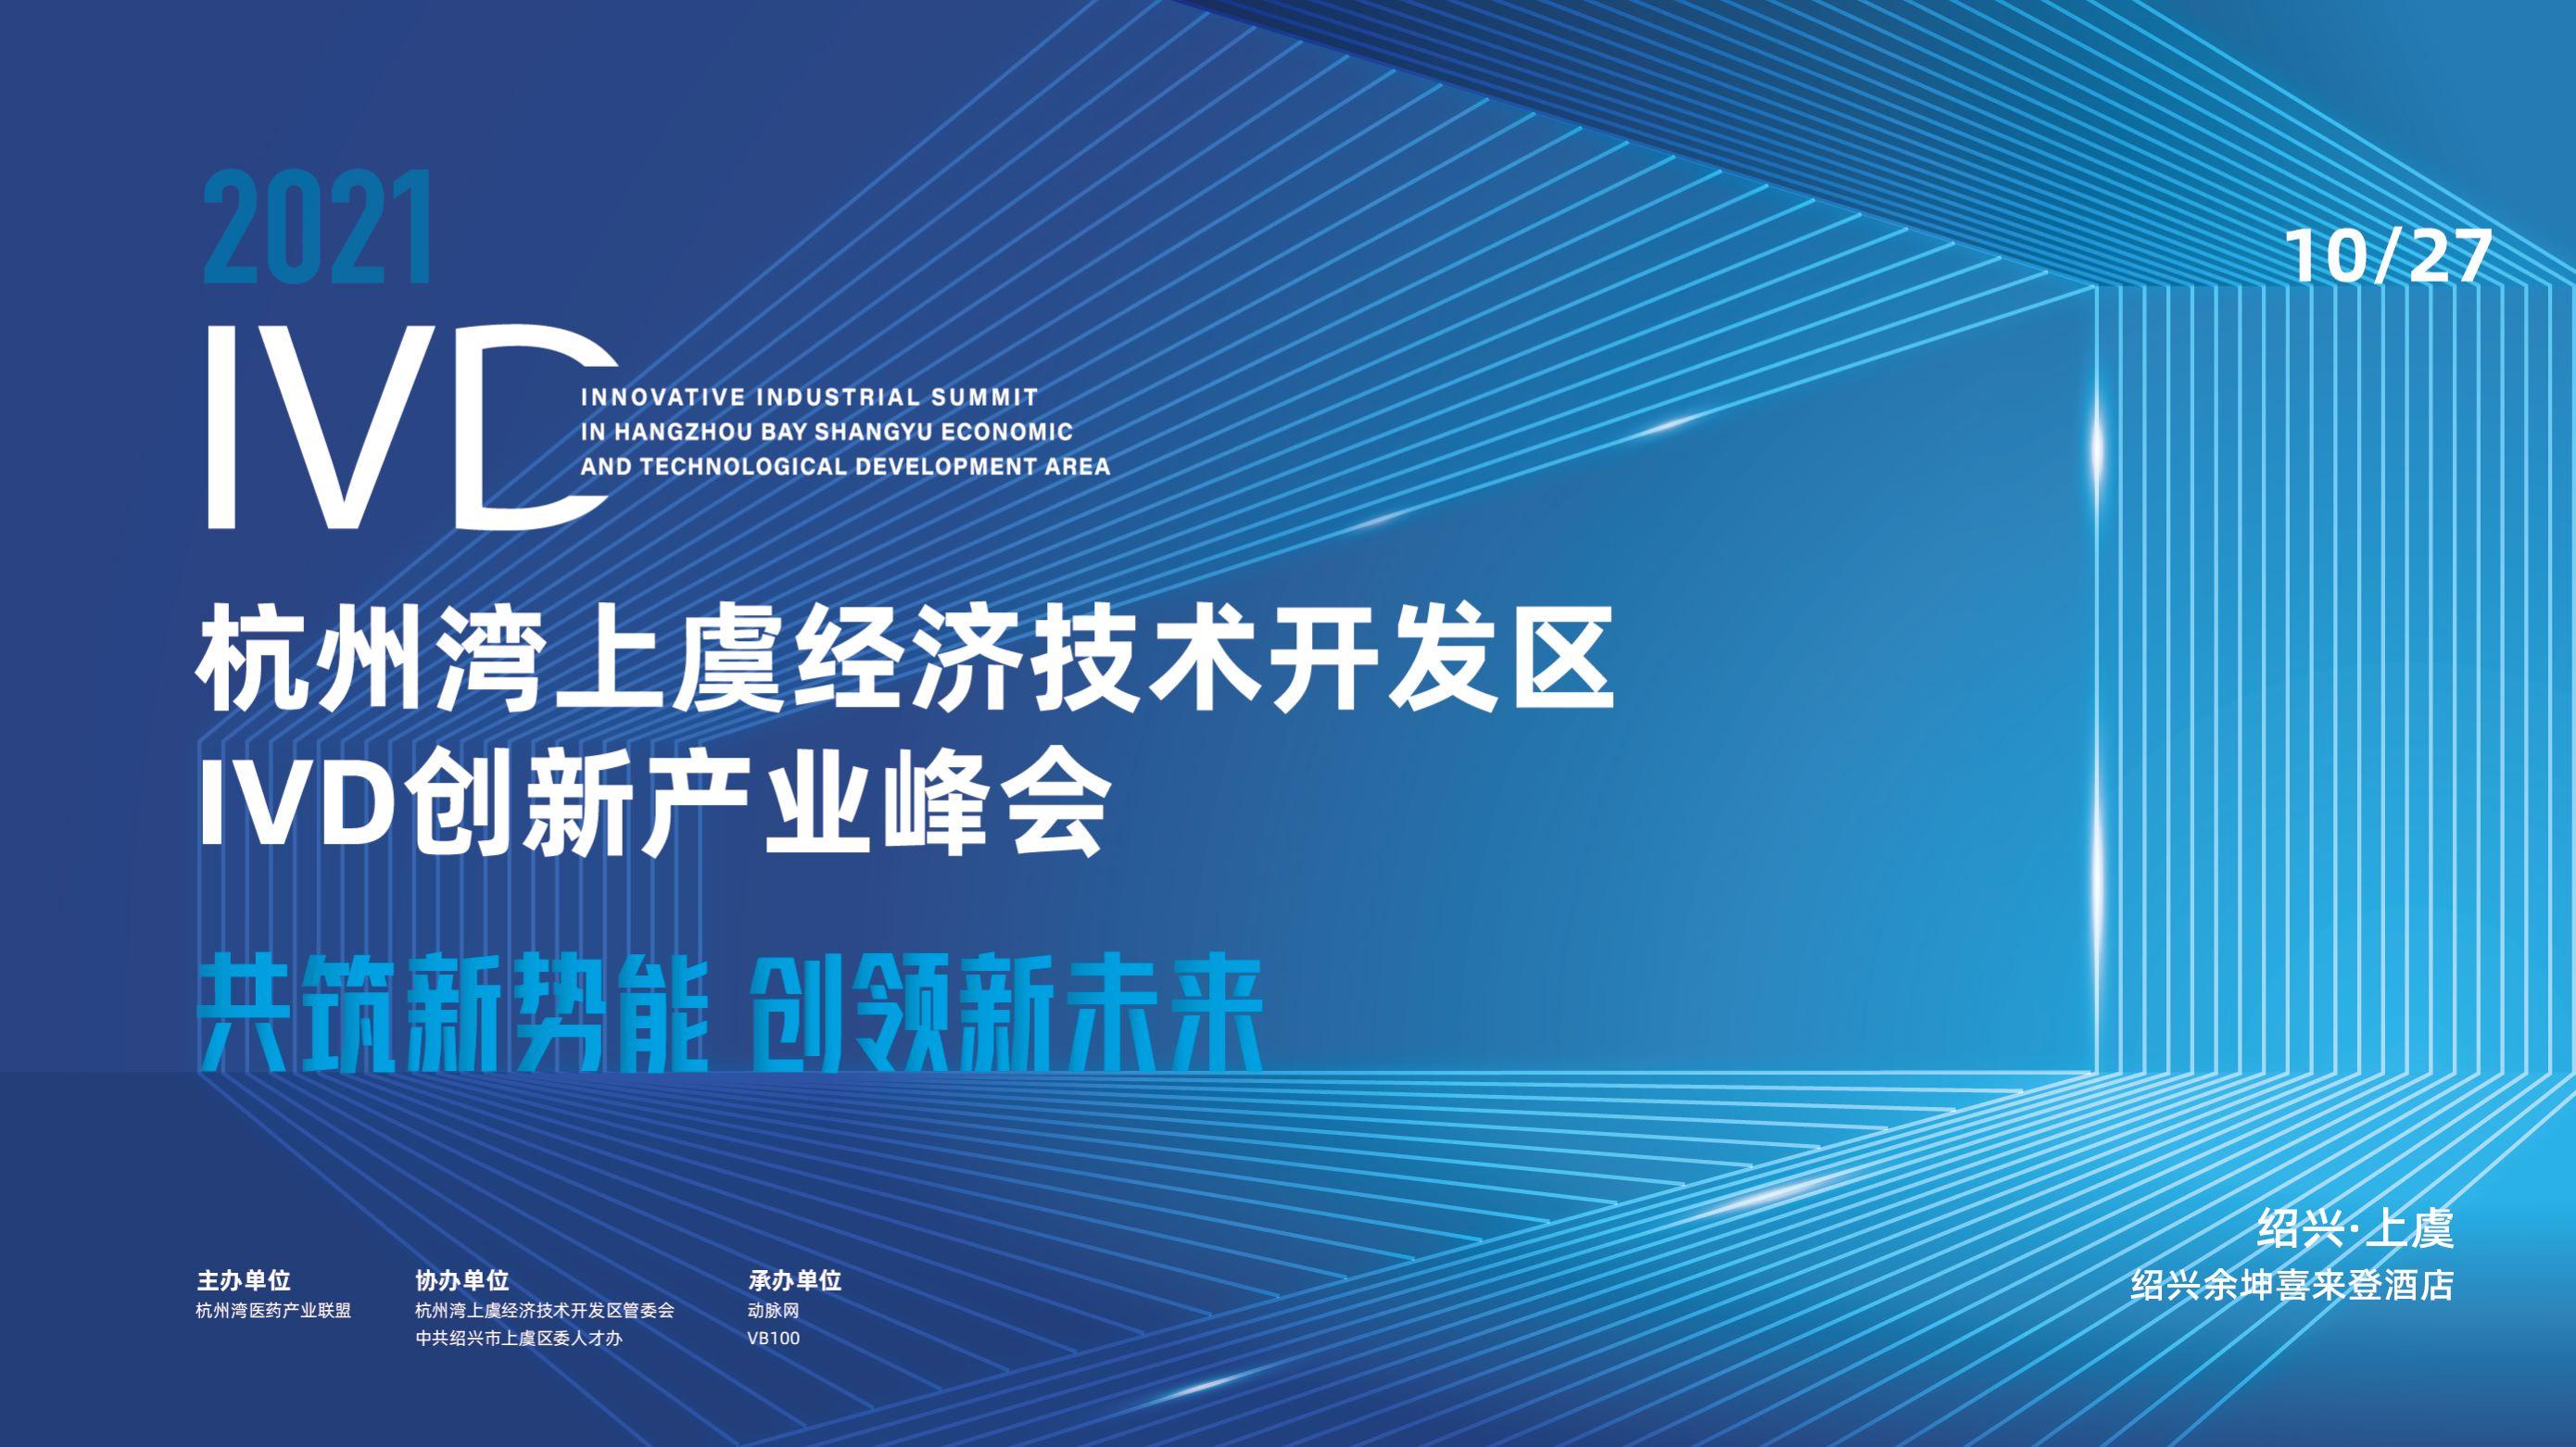 上虞IVD创新产业峰会